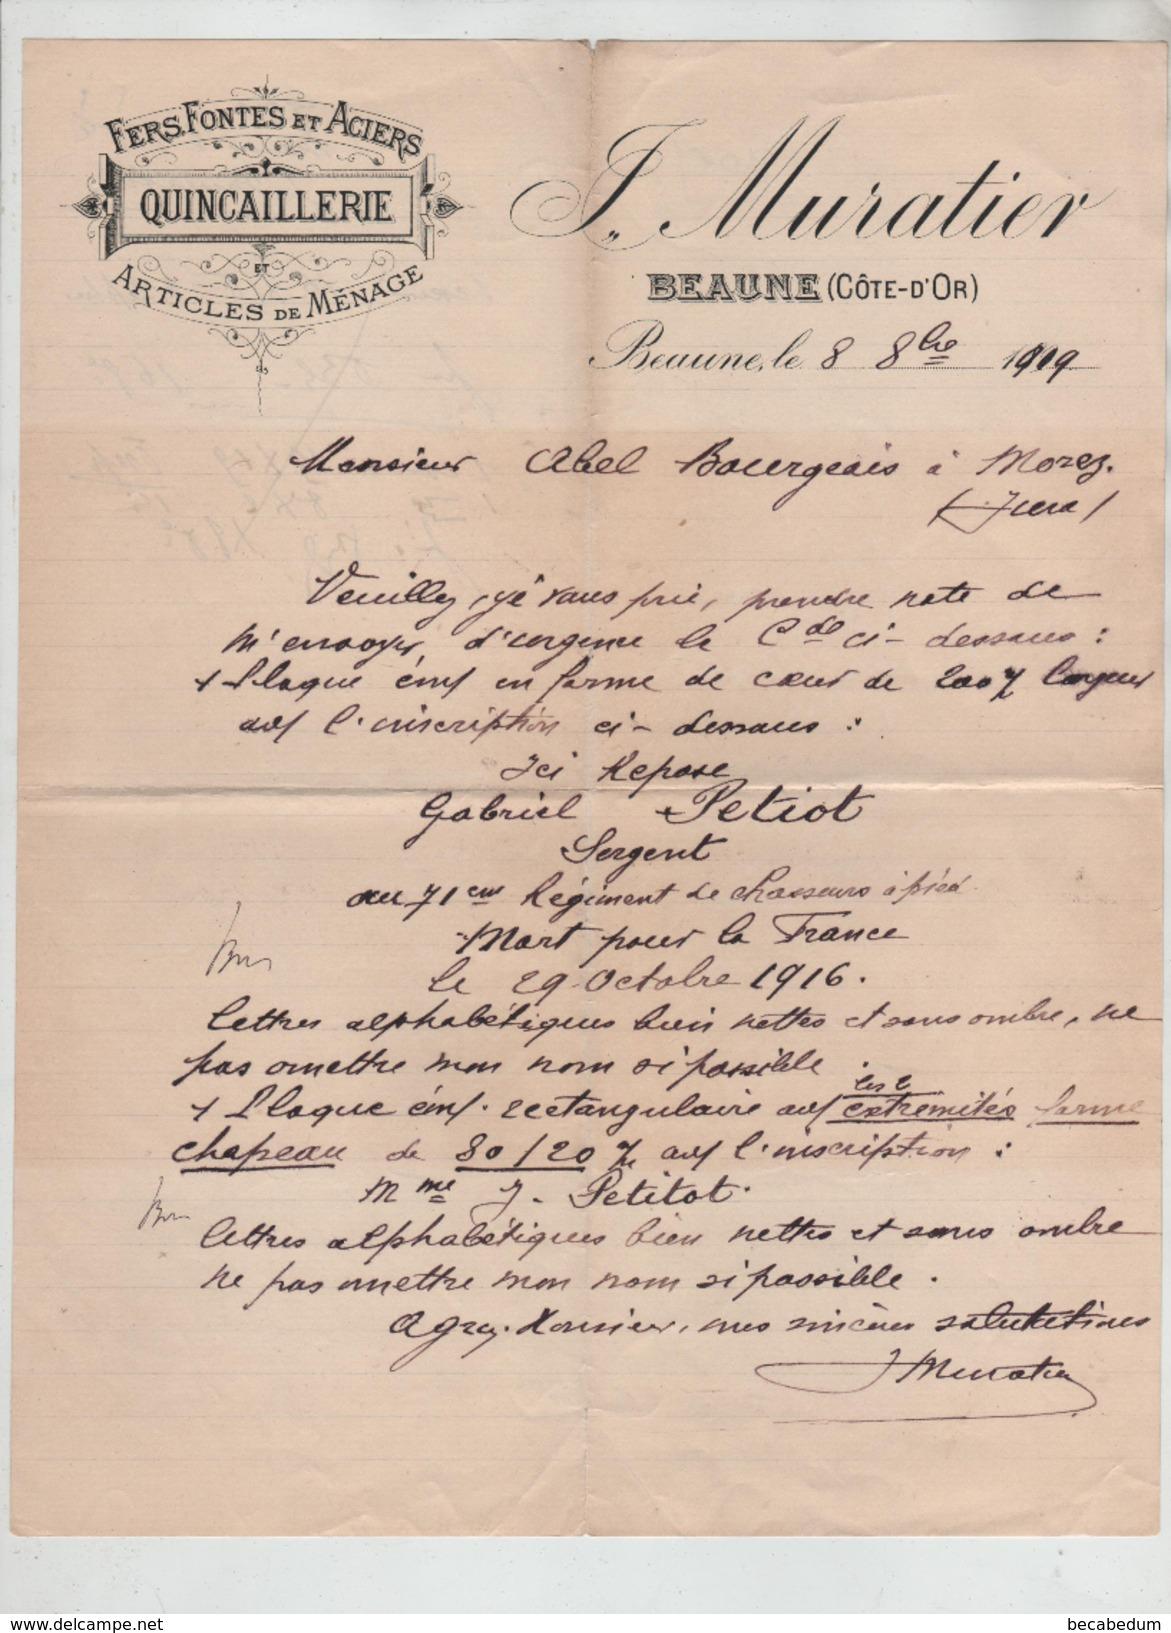 Fers Fontes Quincaillerie Muratier Beaune 1919 Petiot Sergent 71 ème Régiment Chasseurs à Pied - 1914-18